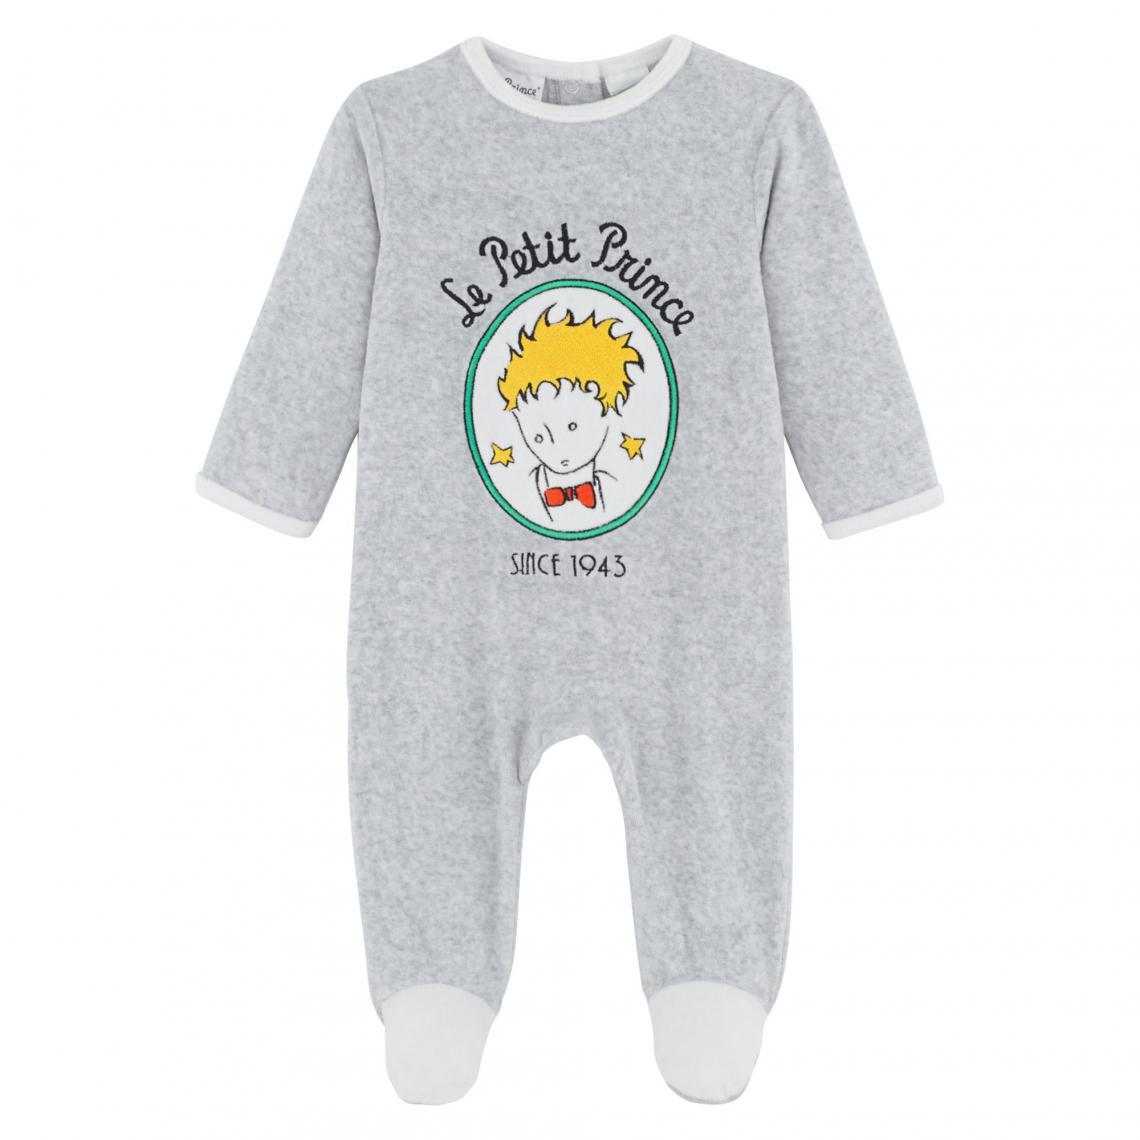 f6fa11dd7056a Dors-bien velours bébé garçon Le Petit Prince - Gris Petit prince Enfant